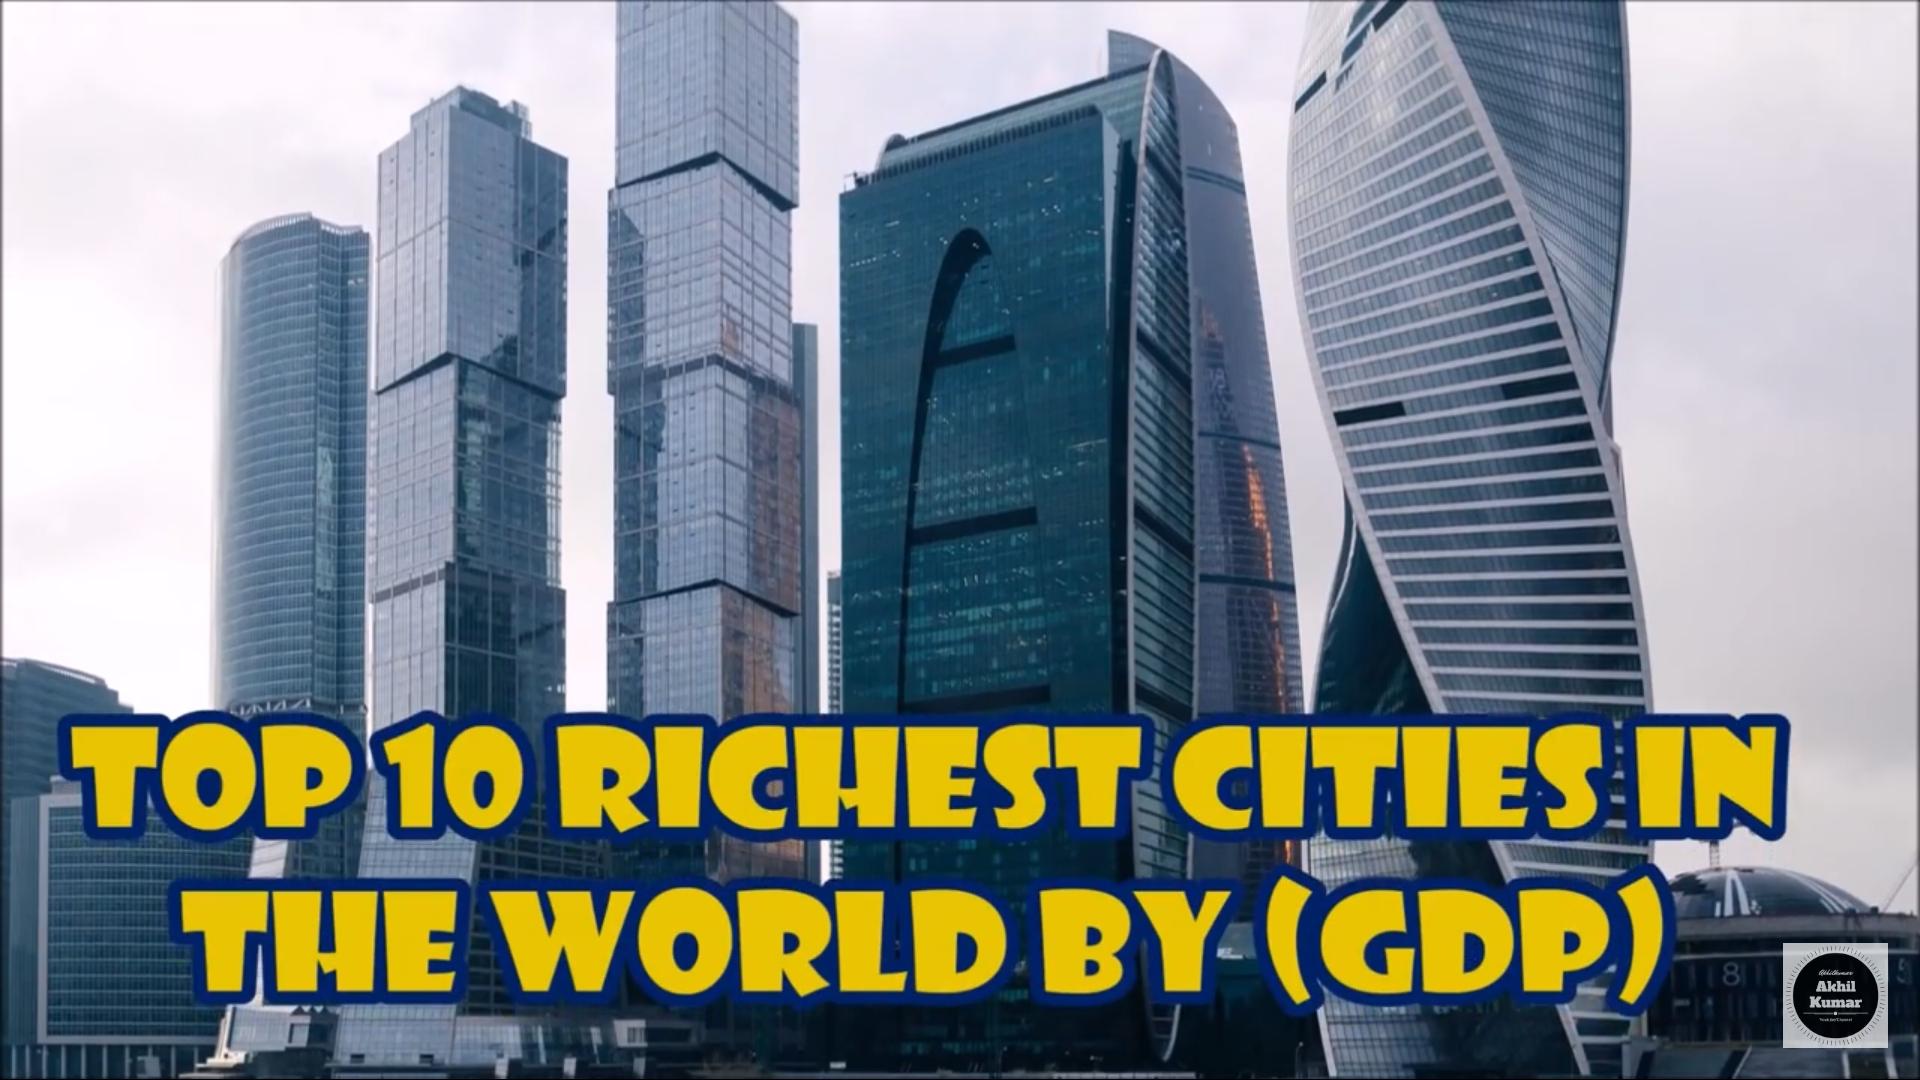 底特律gdp在美国排第几_美国的人均GDP世界排第几